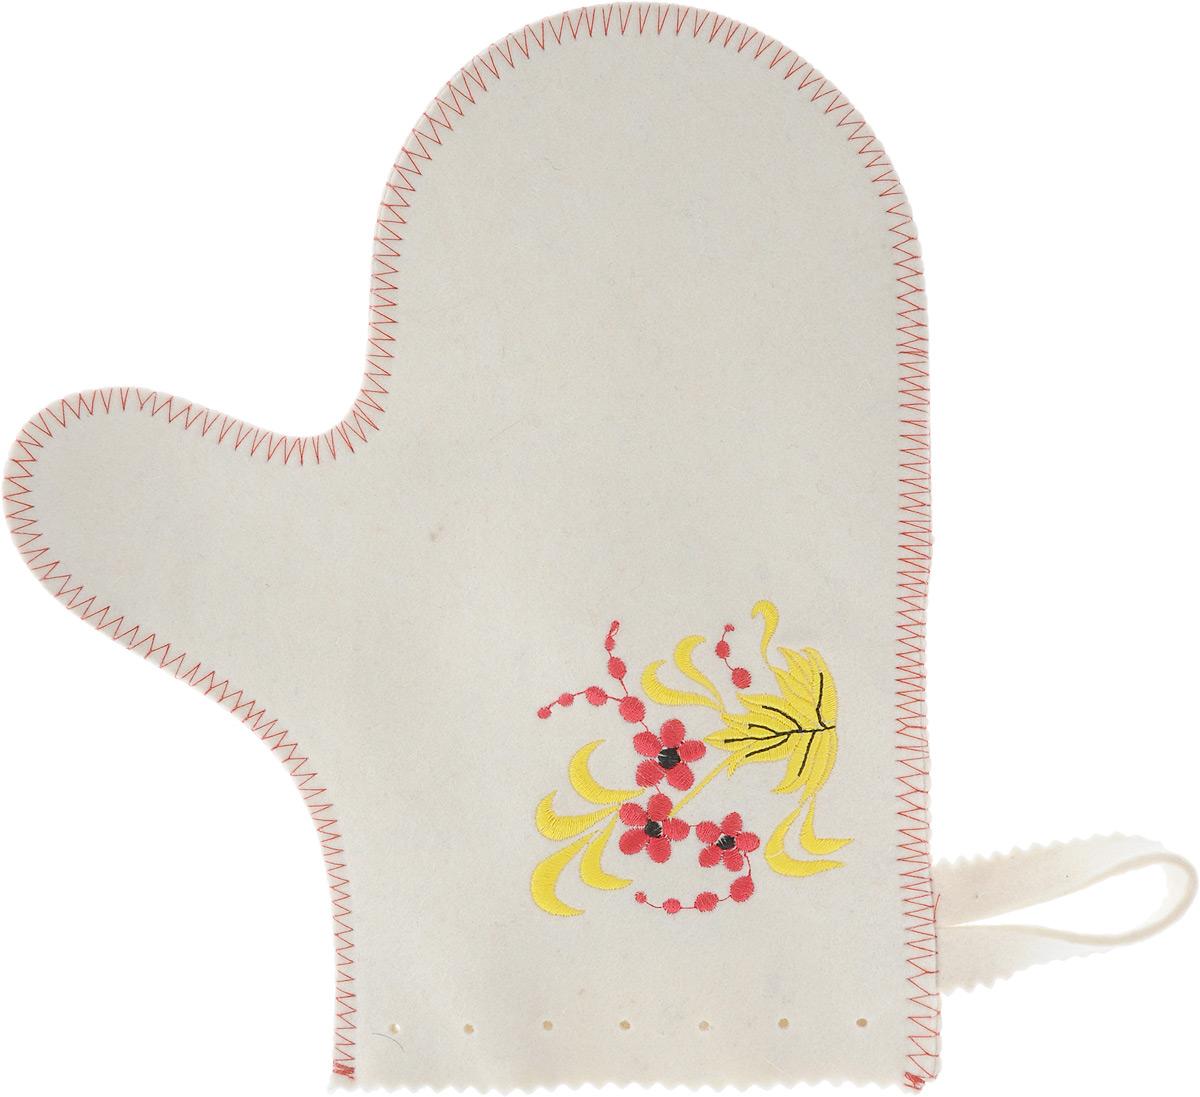 Рукавица для бани и сауны Хохлома904997Рукавица - полезный банный аксессуар. Такая рукавица убережет ваши руки от горячего пара. Также ею можно прекрасно промассировать тело. Рукавица декорирована вышивкой в стиле хохлома. При правильном уходе рукавица прослужит долгое время - достаточно просушивать ее, подвешивая за петельку. Характеристики: Материал: 100% шерсть. Длина рукавицы: 26 см. Ширина рукавицы (по верхнему краю): 15 см. Производитель: Россия.